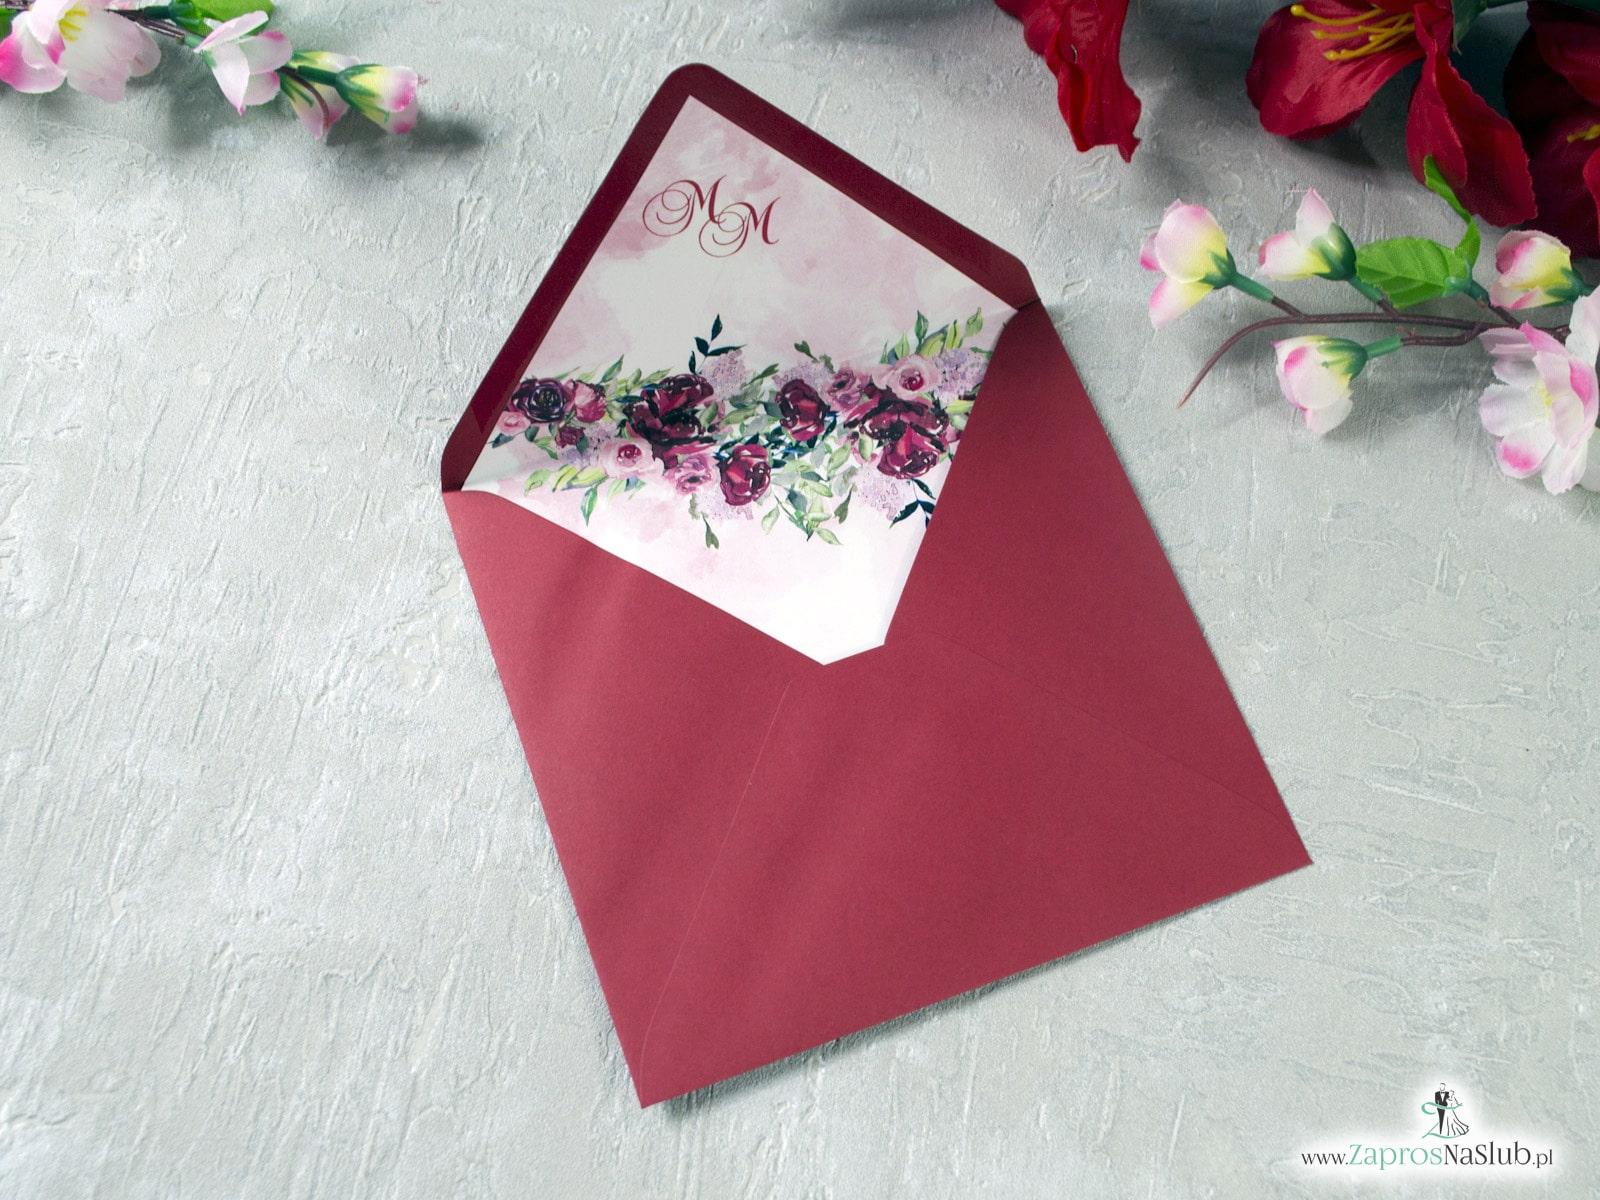 Bordowa koperta z wkładką kwiatową - piwonie. WDK-41-08